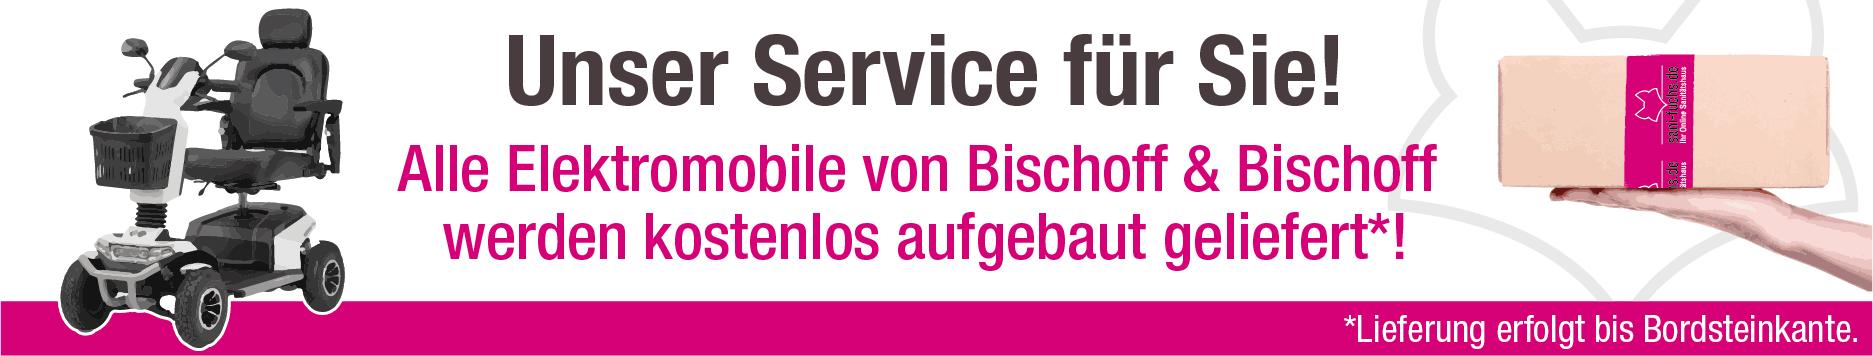 Bischoff-Bischoff-Elektromobile-fertig-aufgebaut